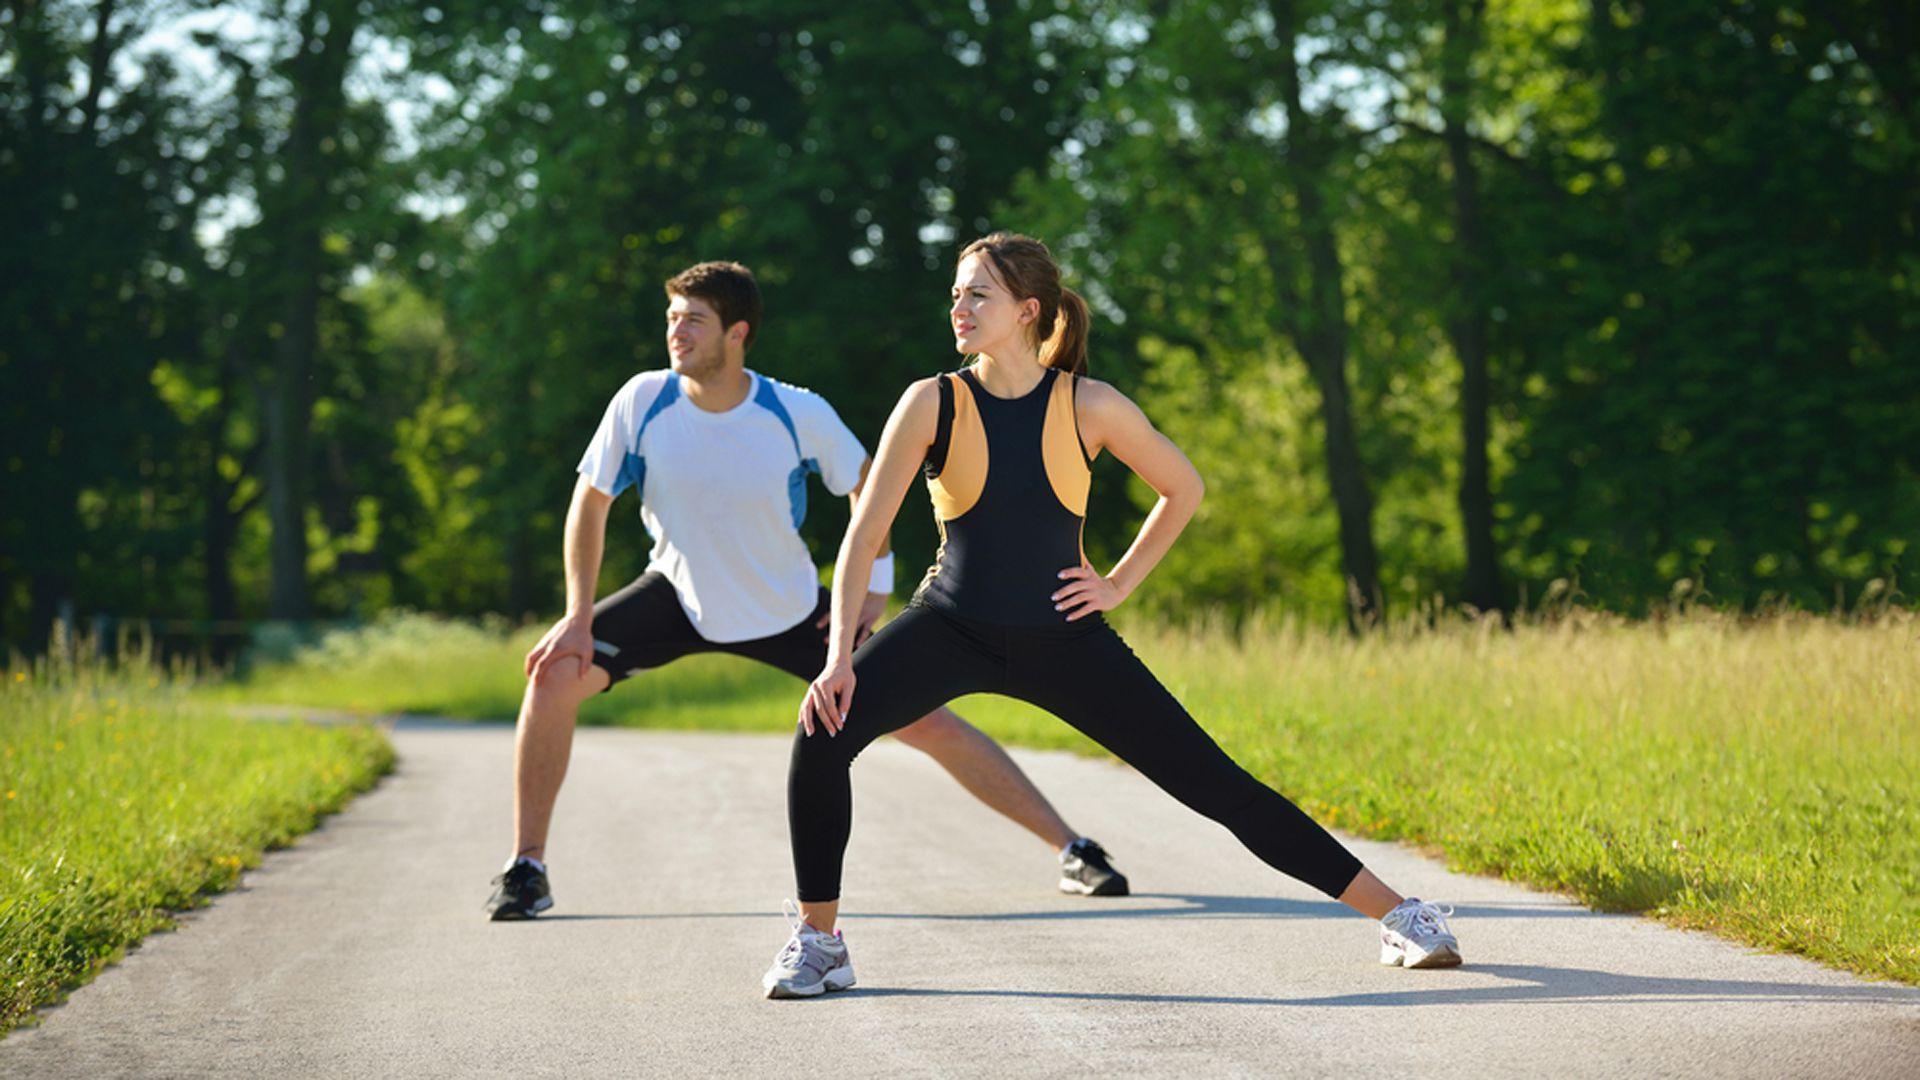 Estirar antes y después de correr, fundamental para evitar lesiones (Shutterstock)